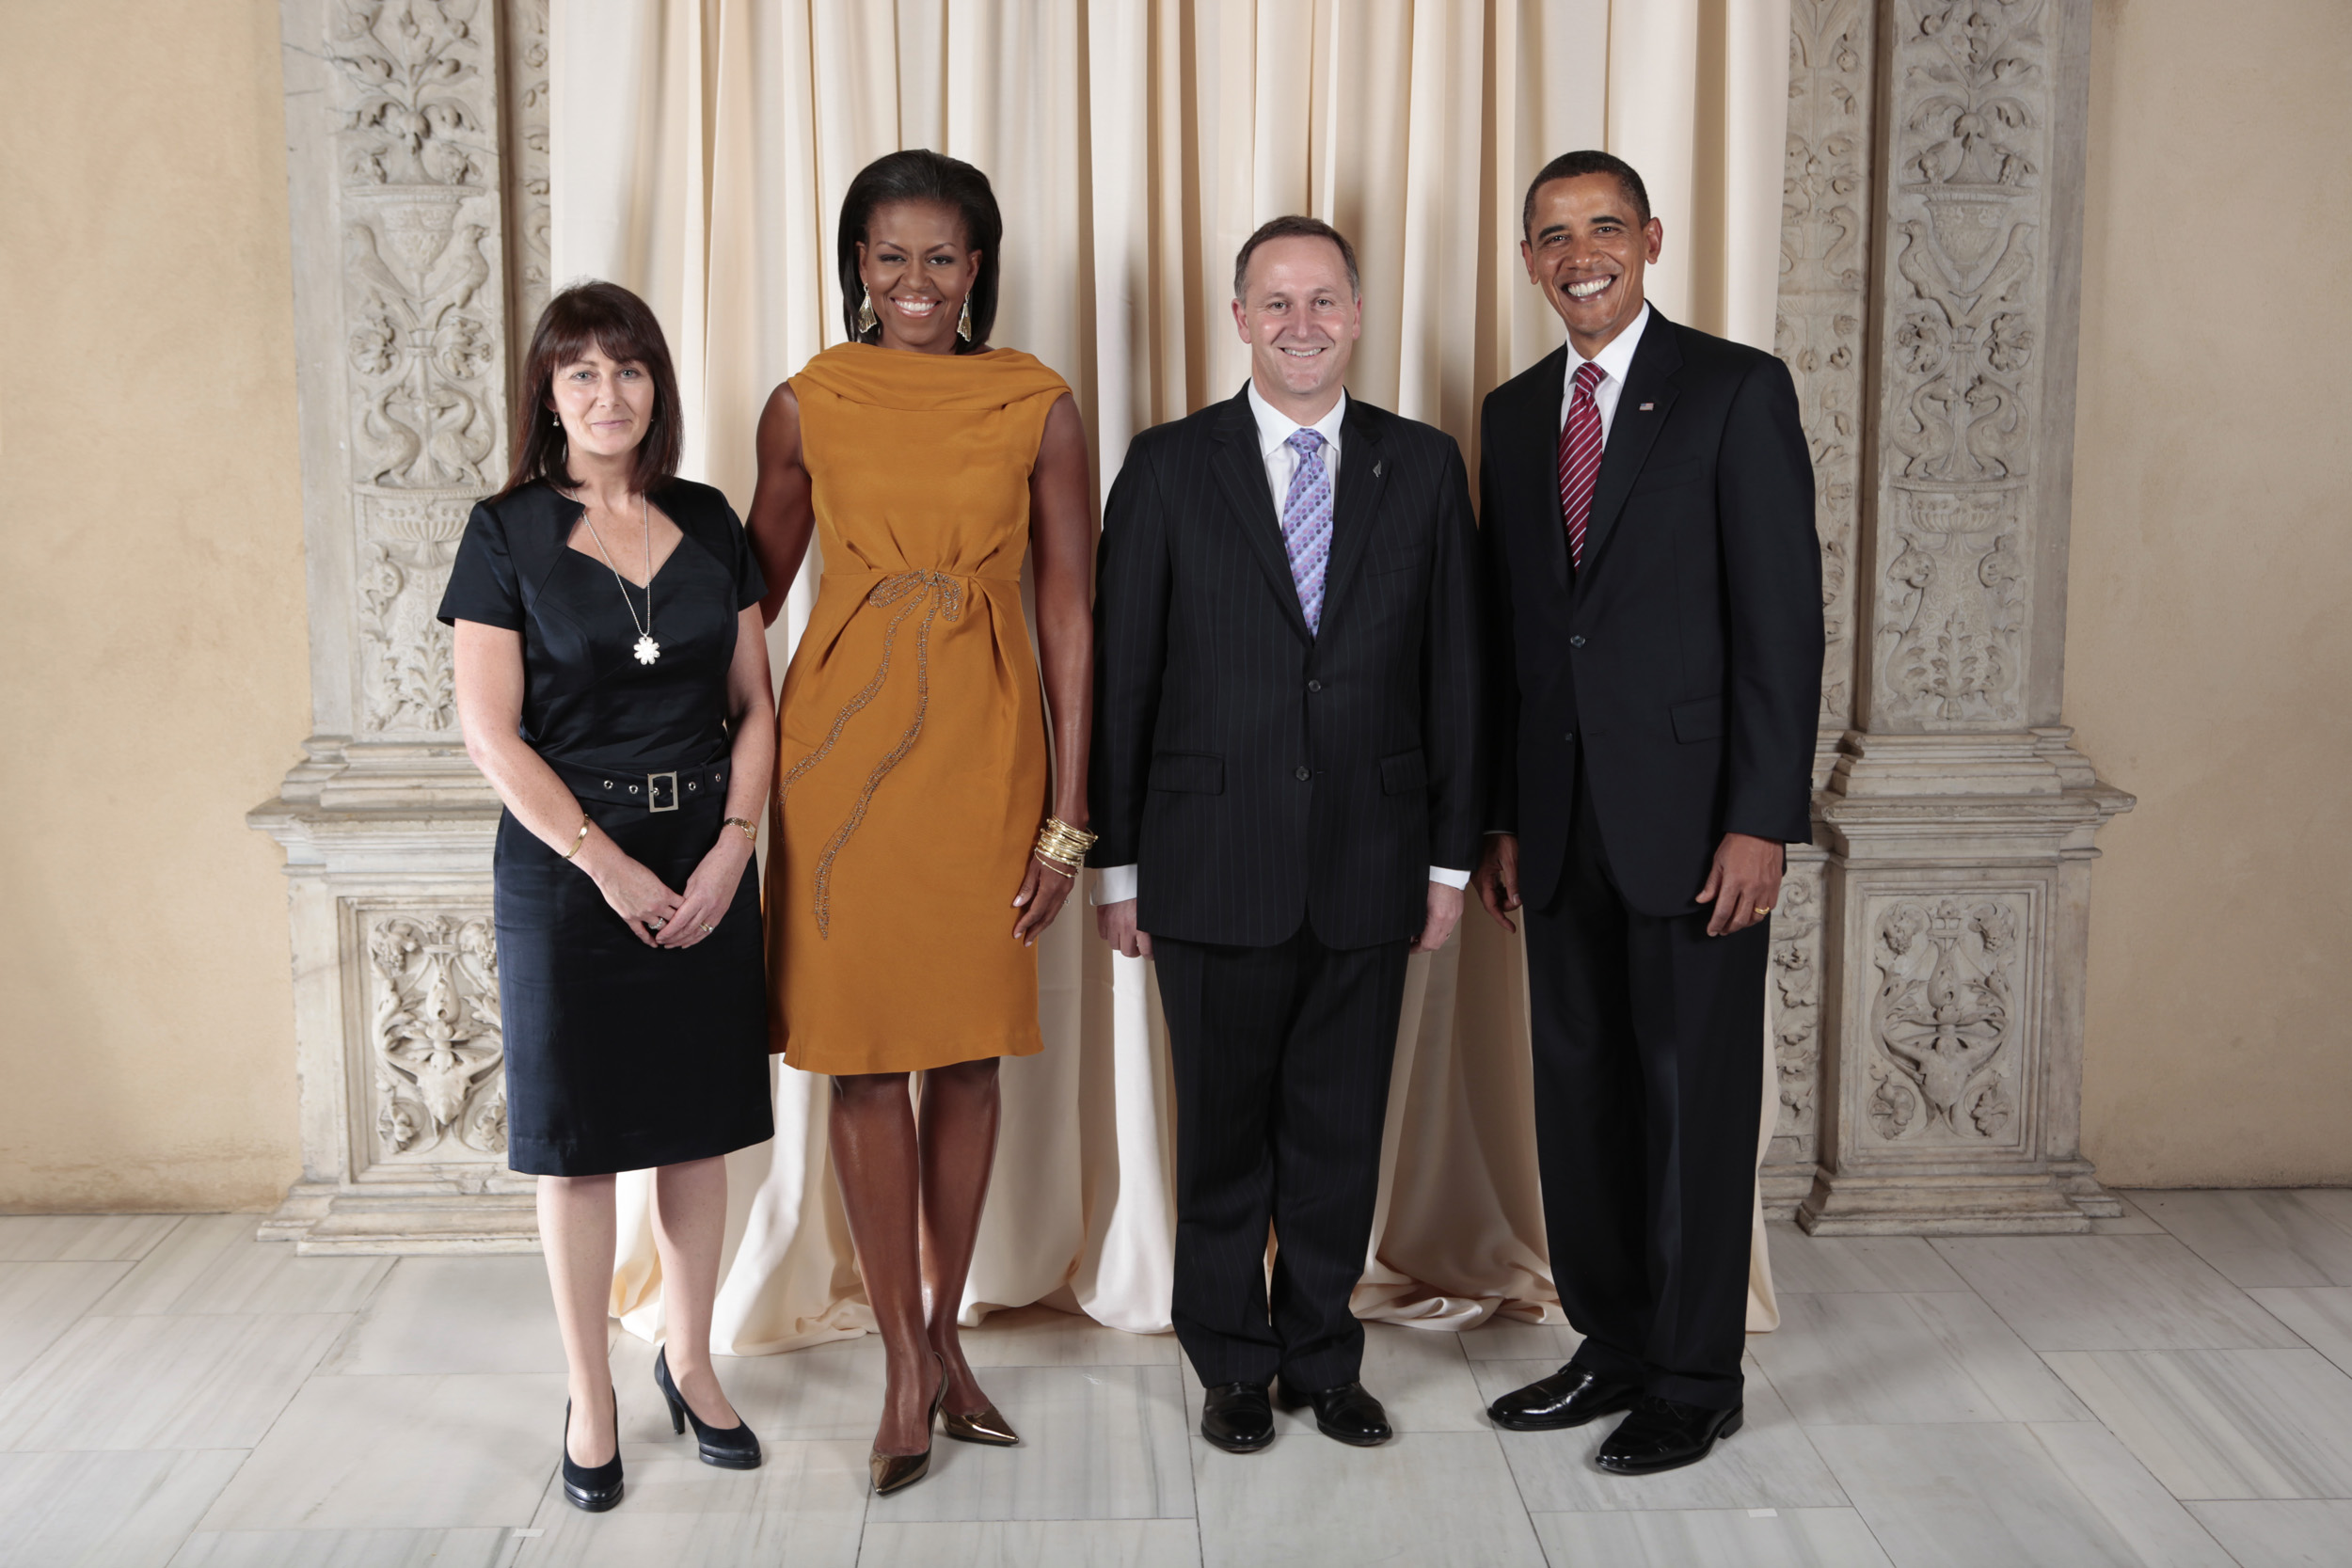 Image result for barack obama john key nz images